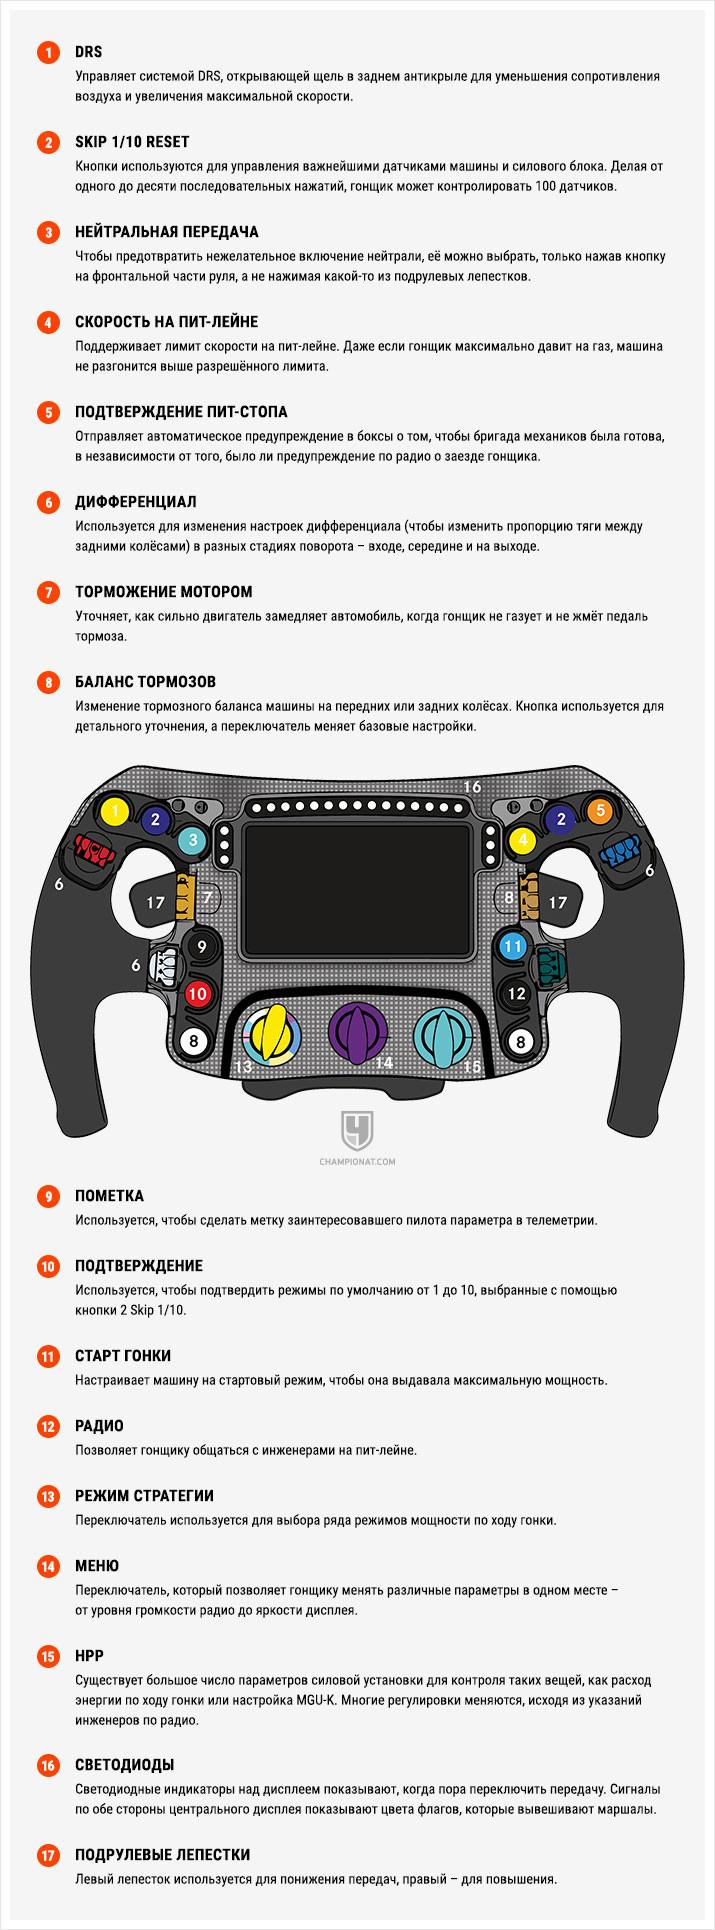 Руль Формулы-1 – набор непонятных кнопок и рычажков. Но теперь вы всё поймёте